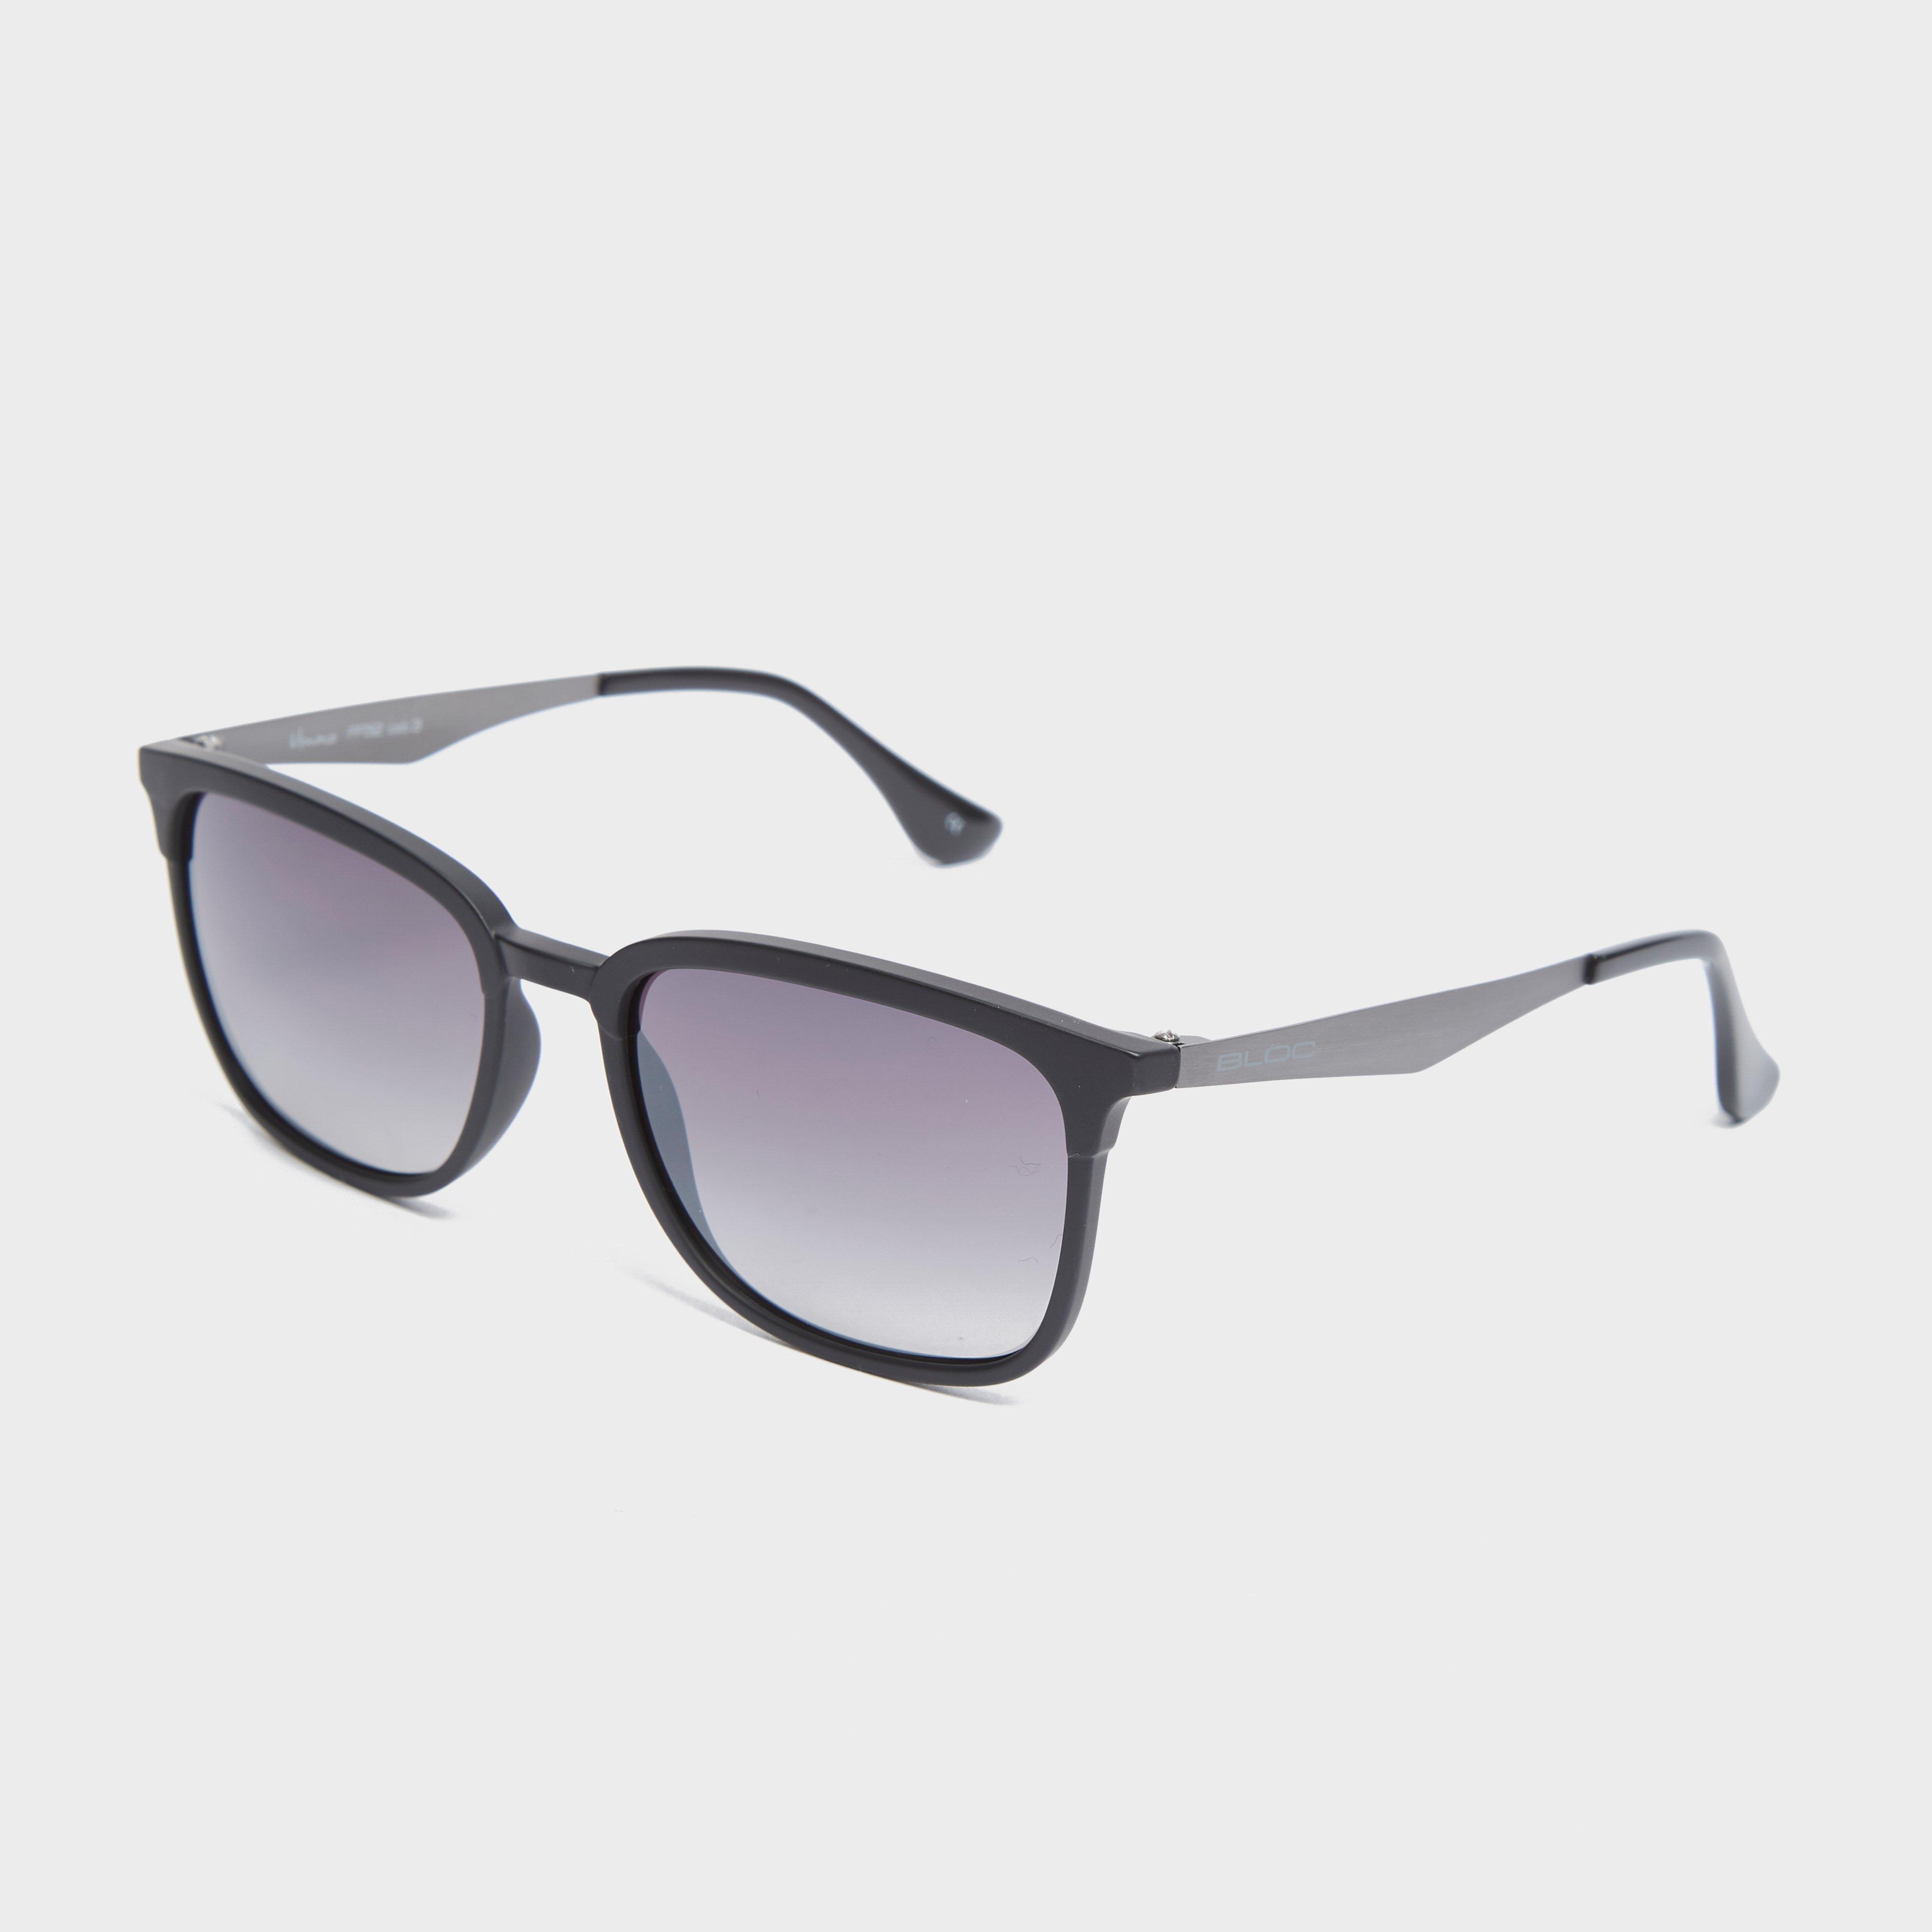 Bloc Bloc Monaco FF52 Sunglasses - Black, Black